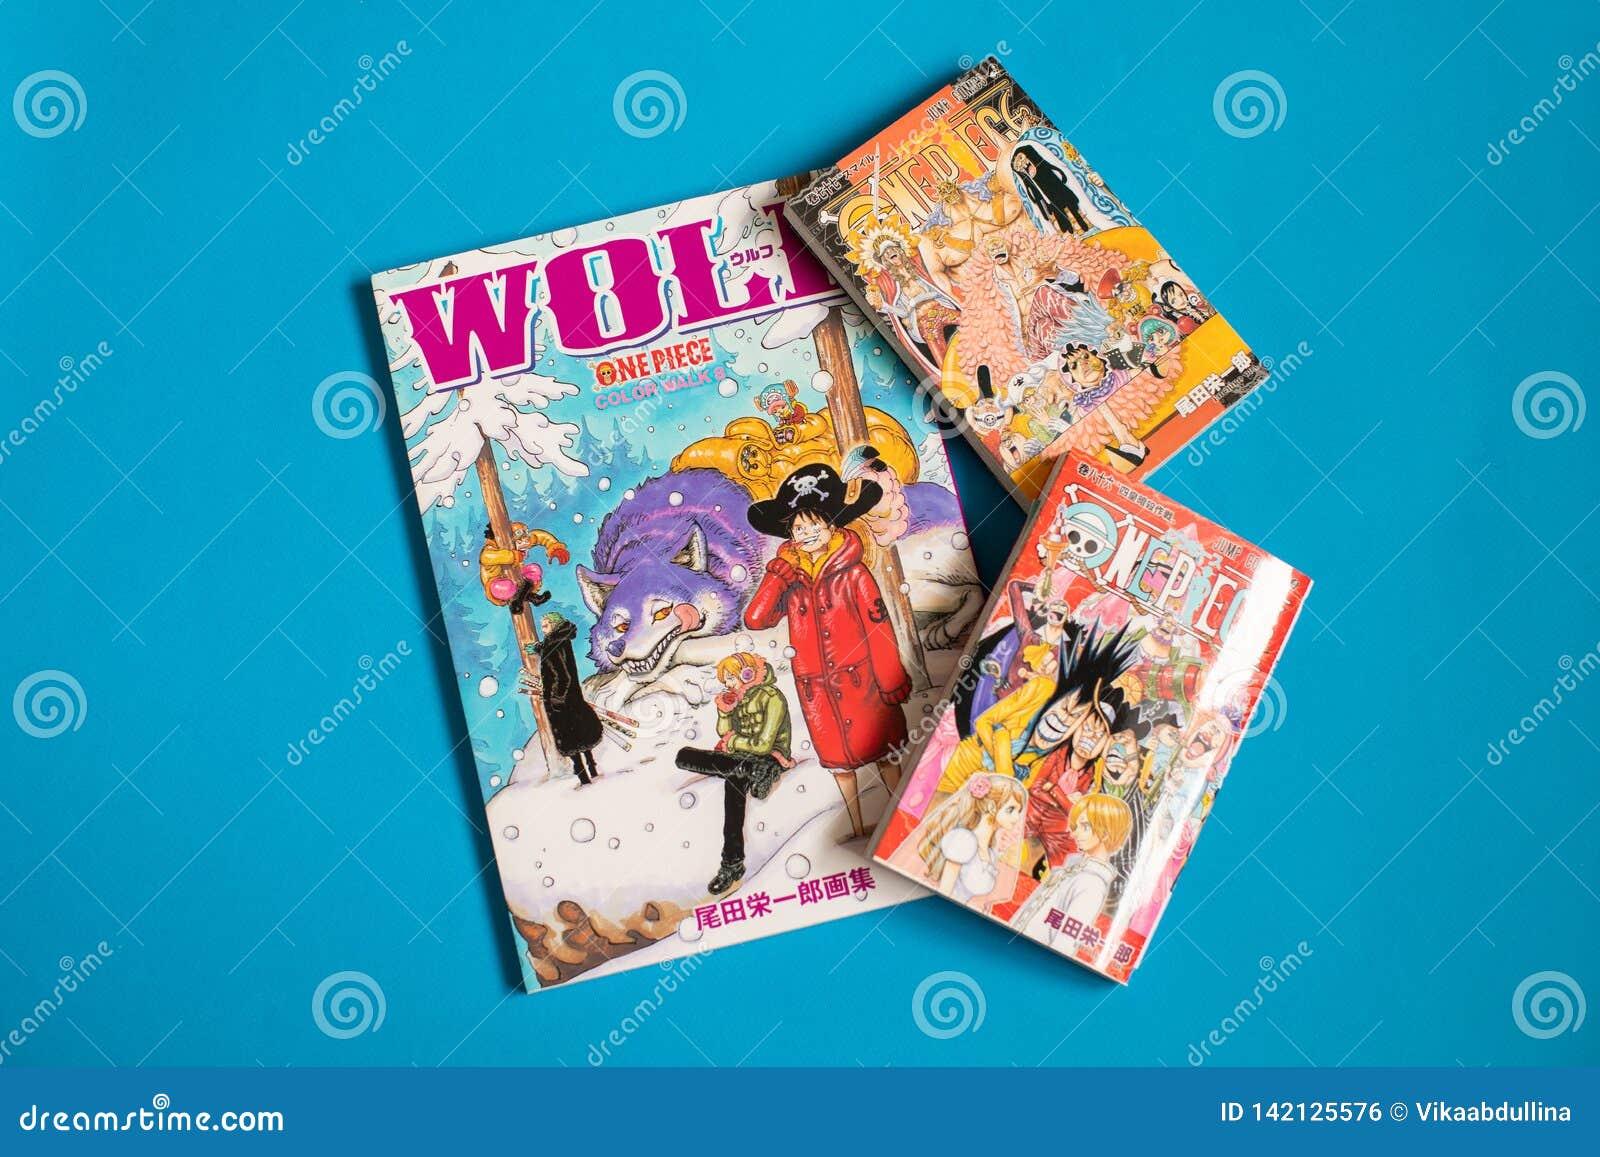 Morceau japonais de Manga One - bande dessinée éditée en magazine hebdomadaire de saut de Shonen